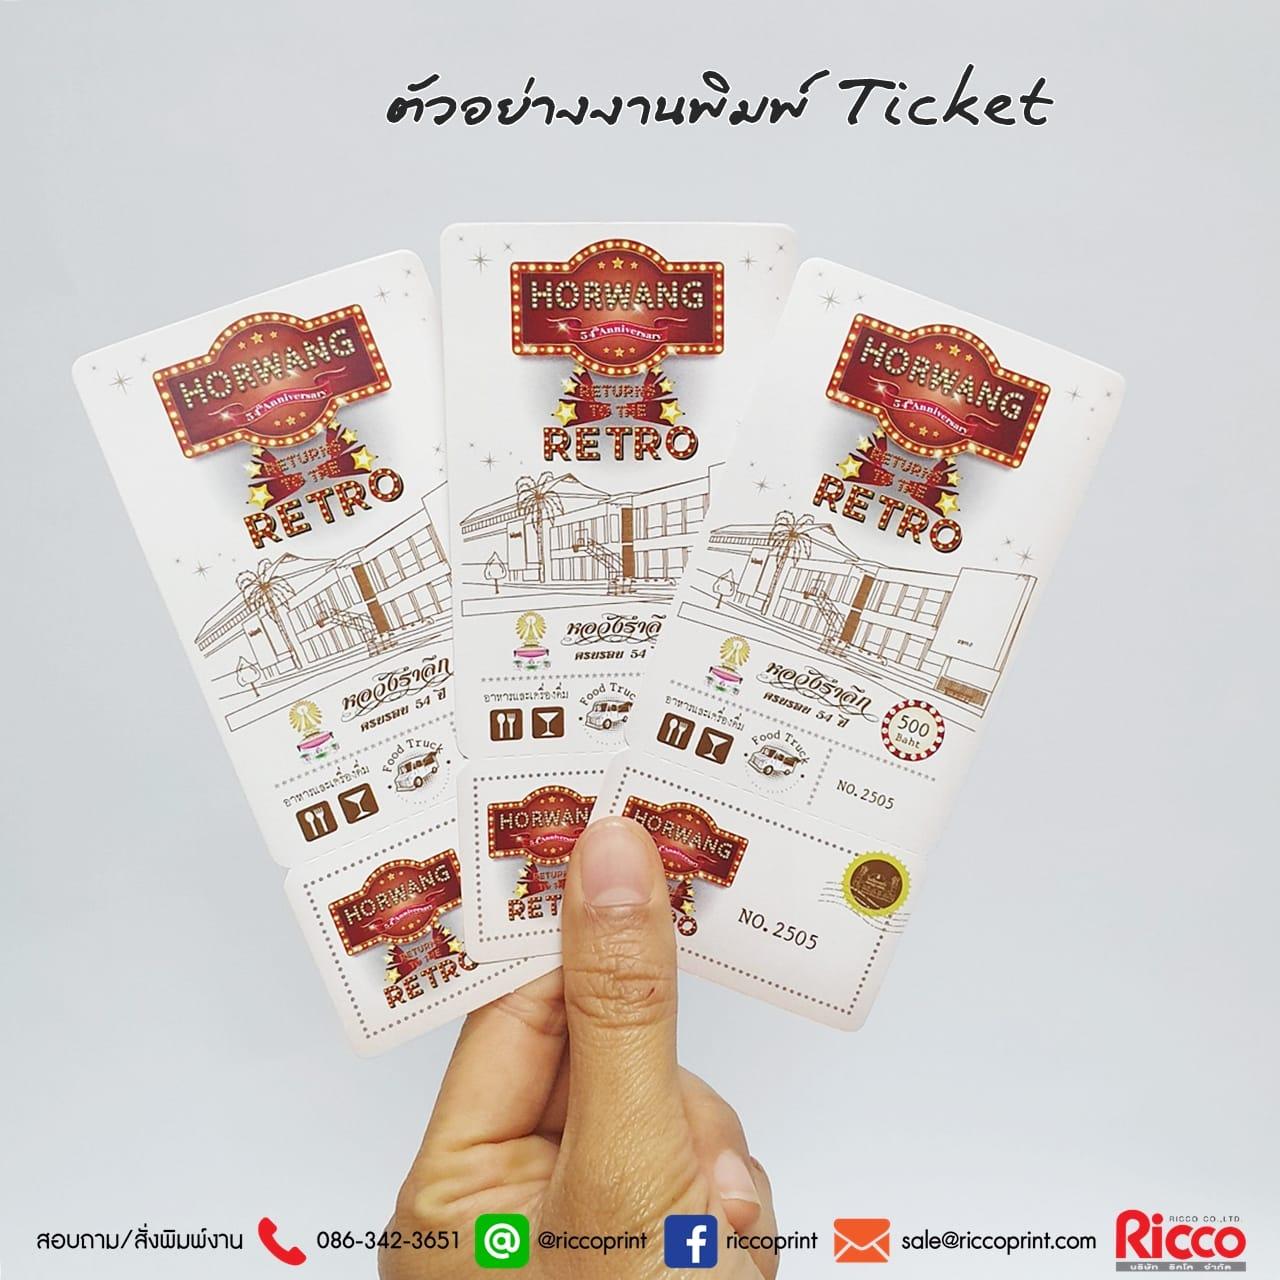 รูป Ticket 2020 Horwang5 - ประกอบเนื้อหา คูปอง บัตรกำนัล ตั๋ว